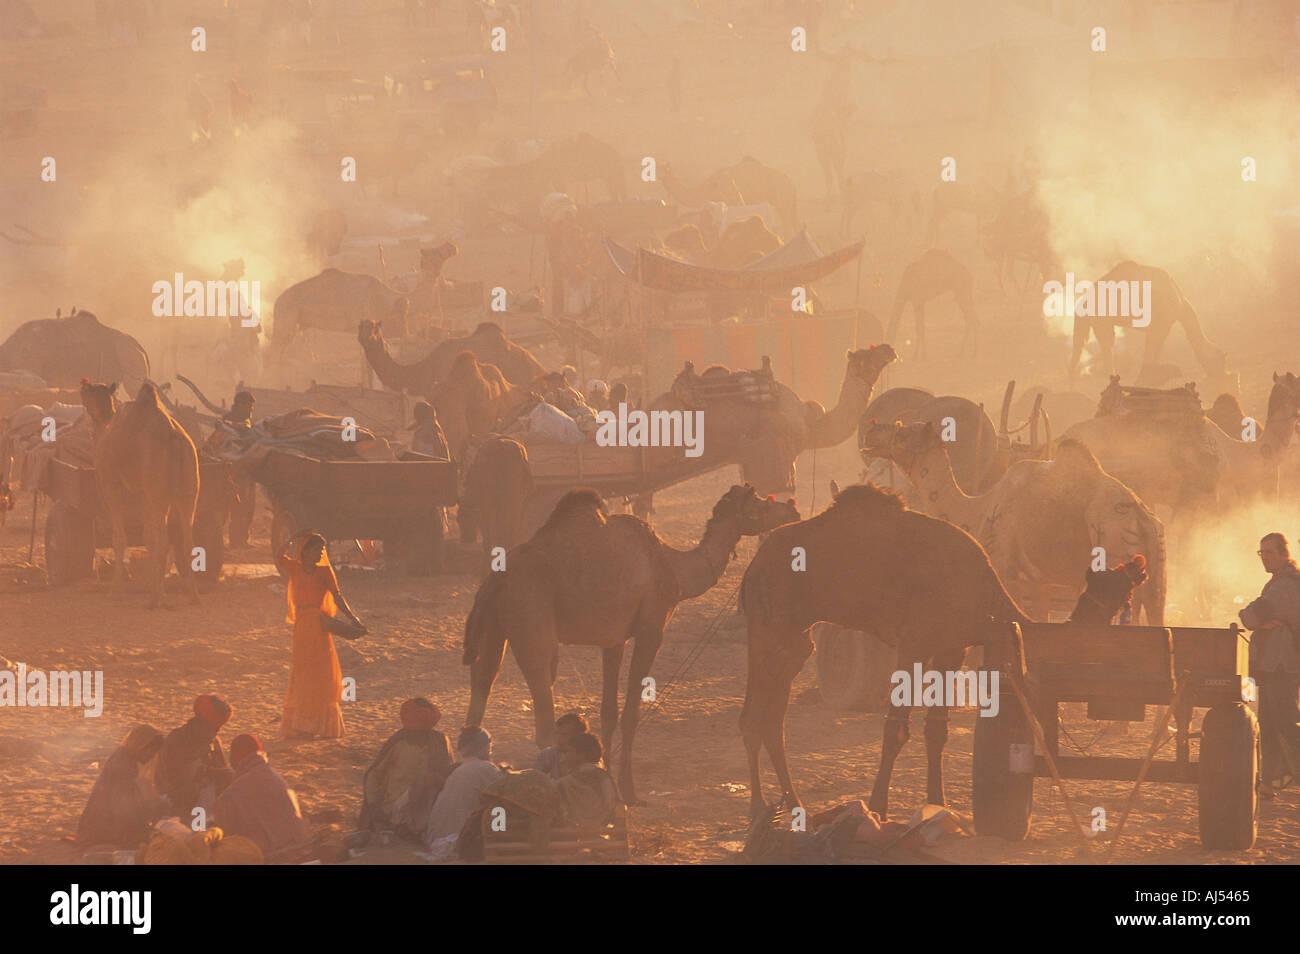 Feria de camellos de Pushkar Rajasthan India Imagen De Stock